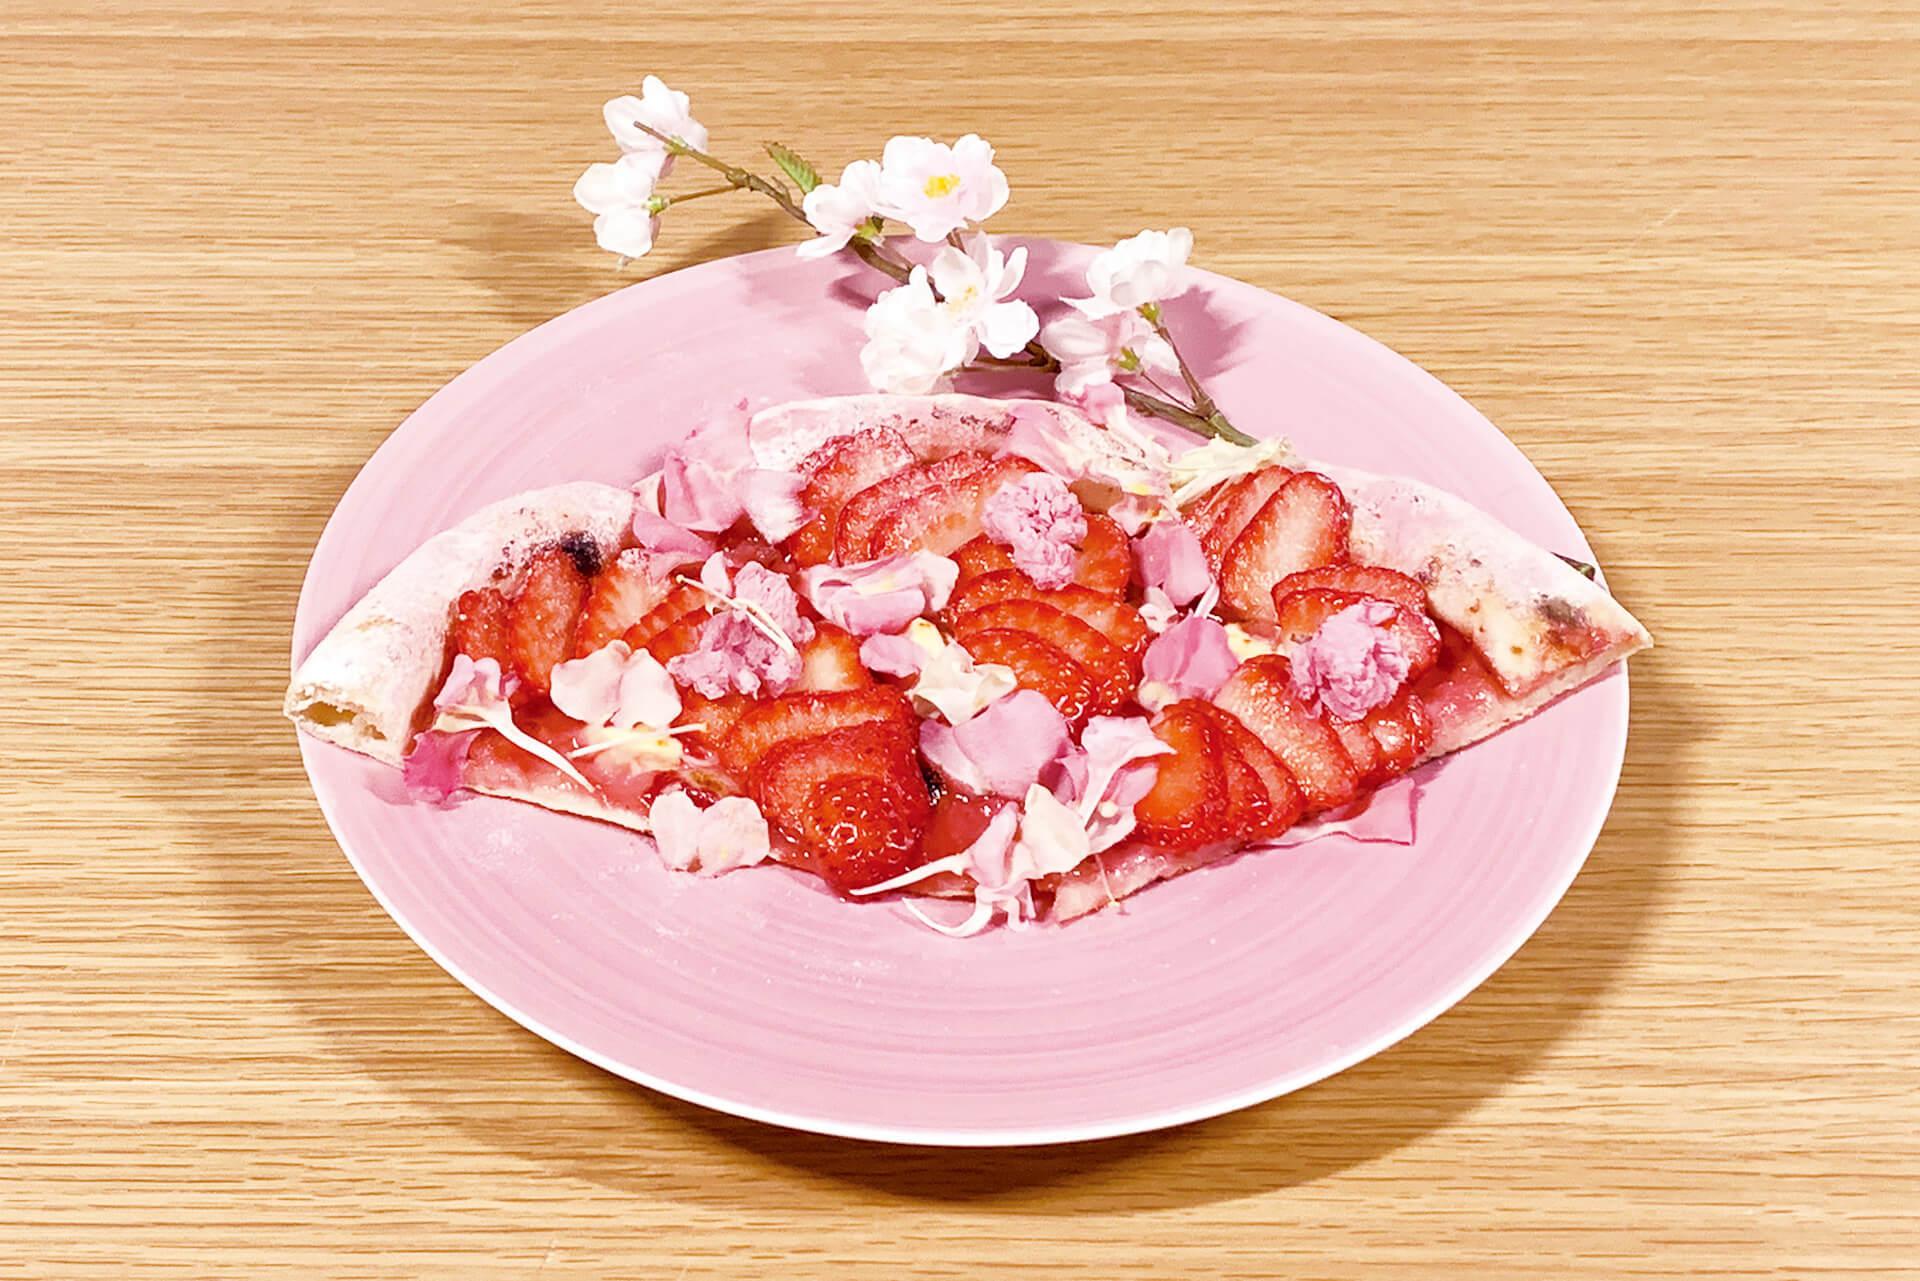 桜風呂や食べられる桜など限定メニューも!インドア花見「SAKURA CHILL BAR」が渋谷で期間限定開催決定 gourmet200218_sakurachill_03